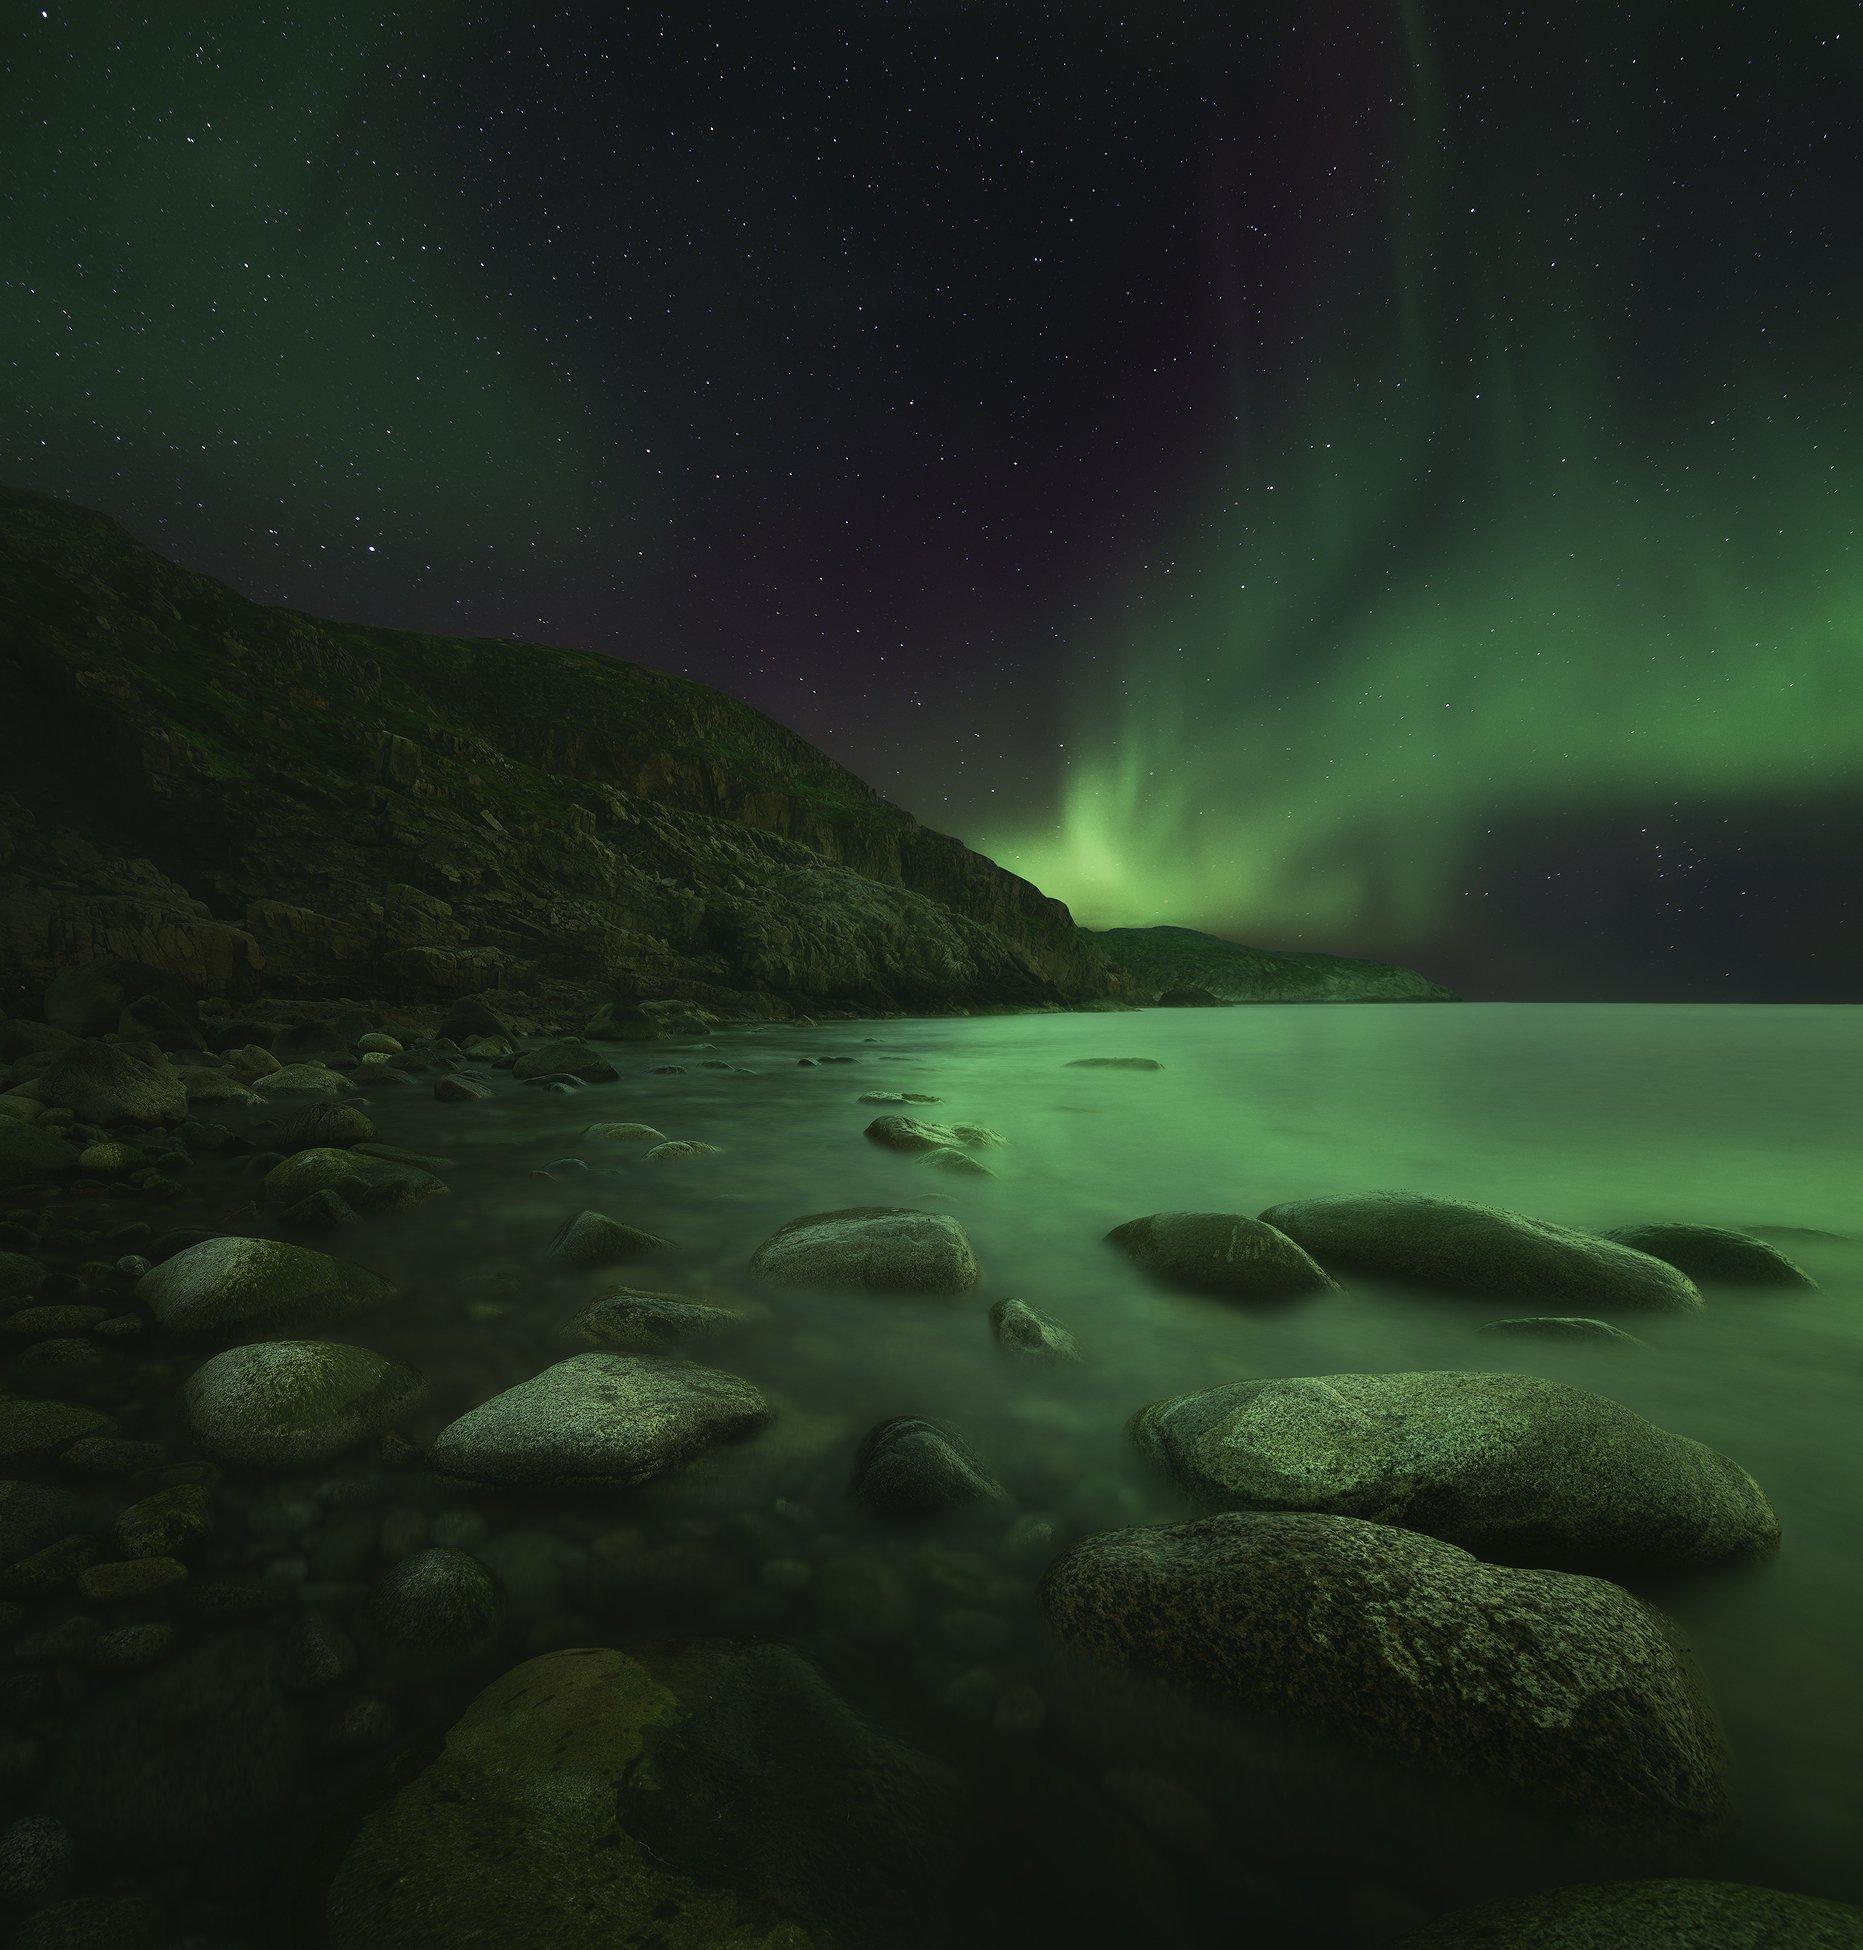 Северное сияние, Кольский полуостров, Териберка, aurora borealis, Васильев Алексей